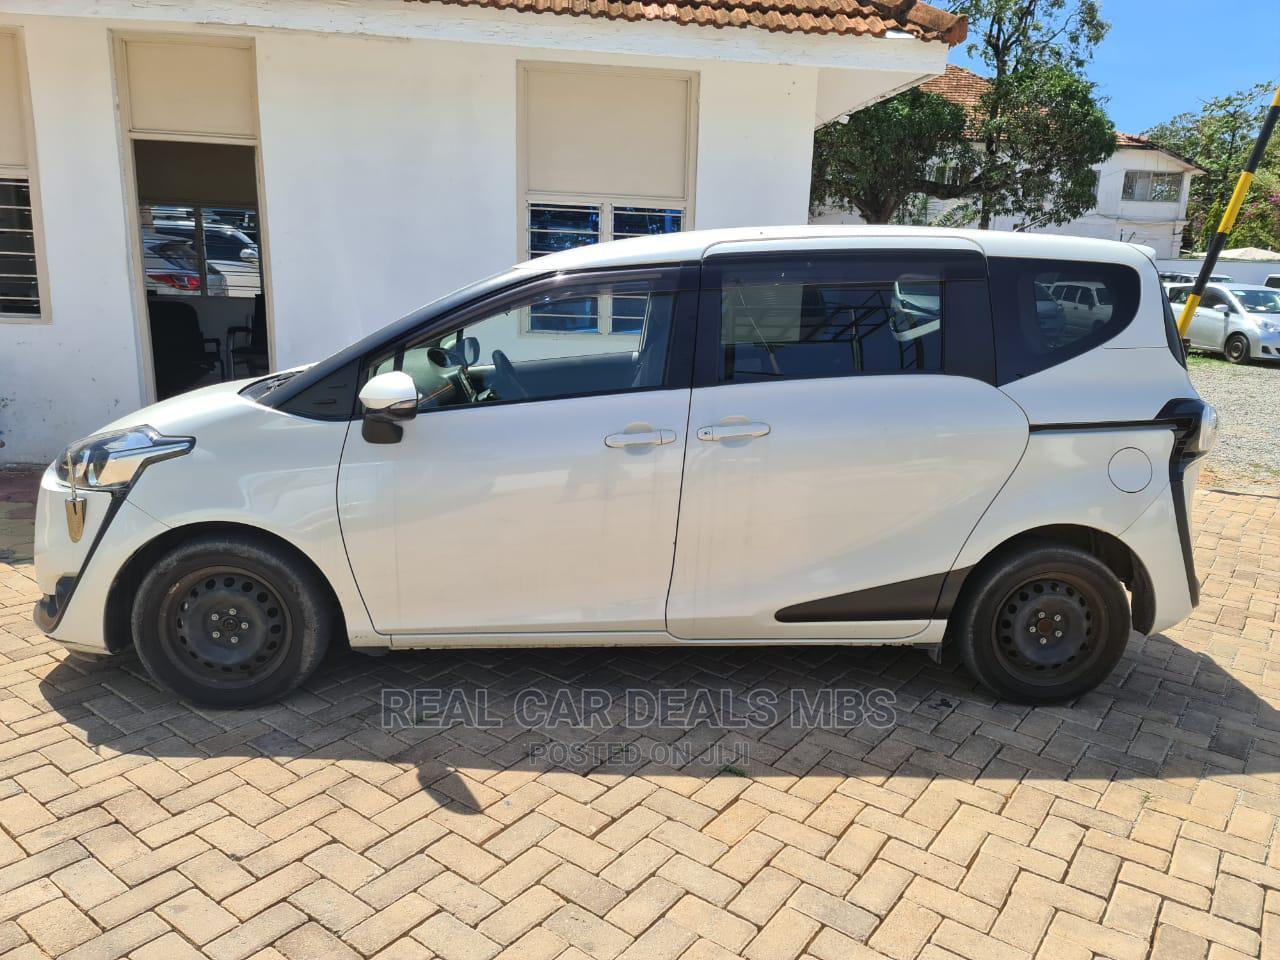 Toyota Sienta 2015 Silver | Cars for sale in Tudor, Mombasa, Kenya